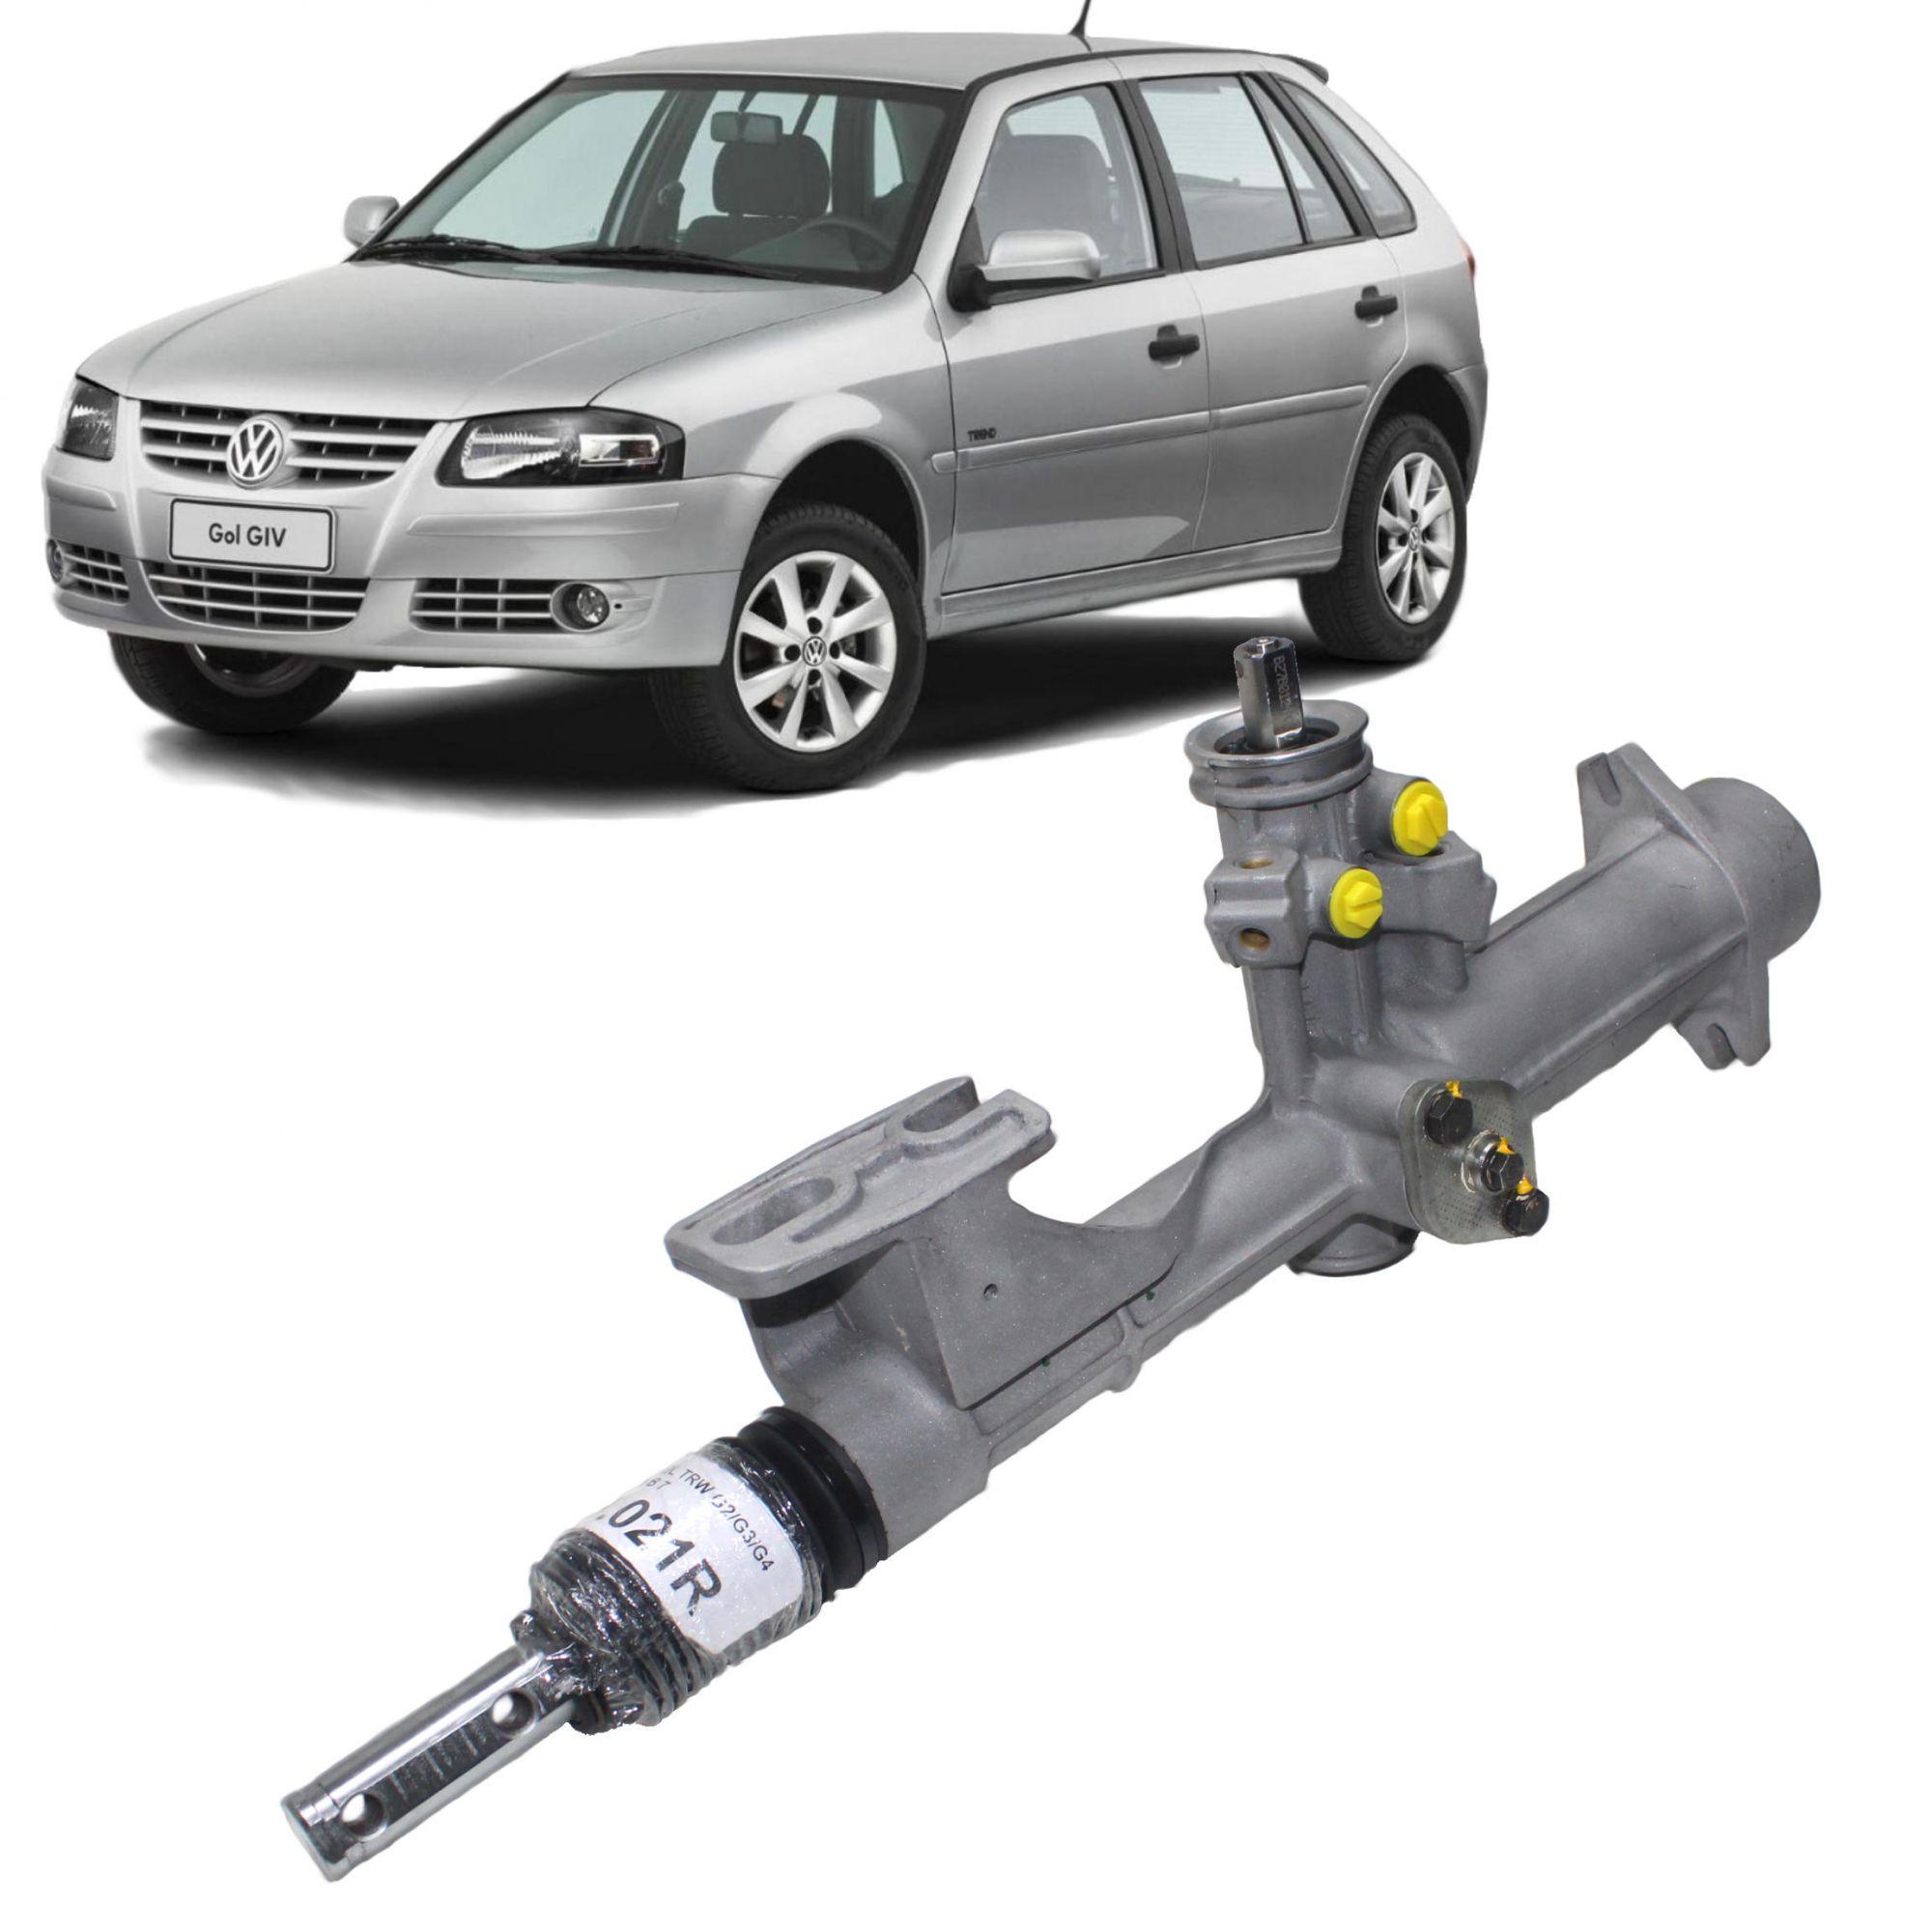 Caixa Direção Hidraulica TRW Gol, Saveiro, Parati - G3, G4 c/ Coifa Isoladora